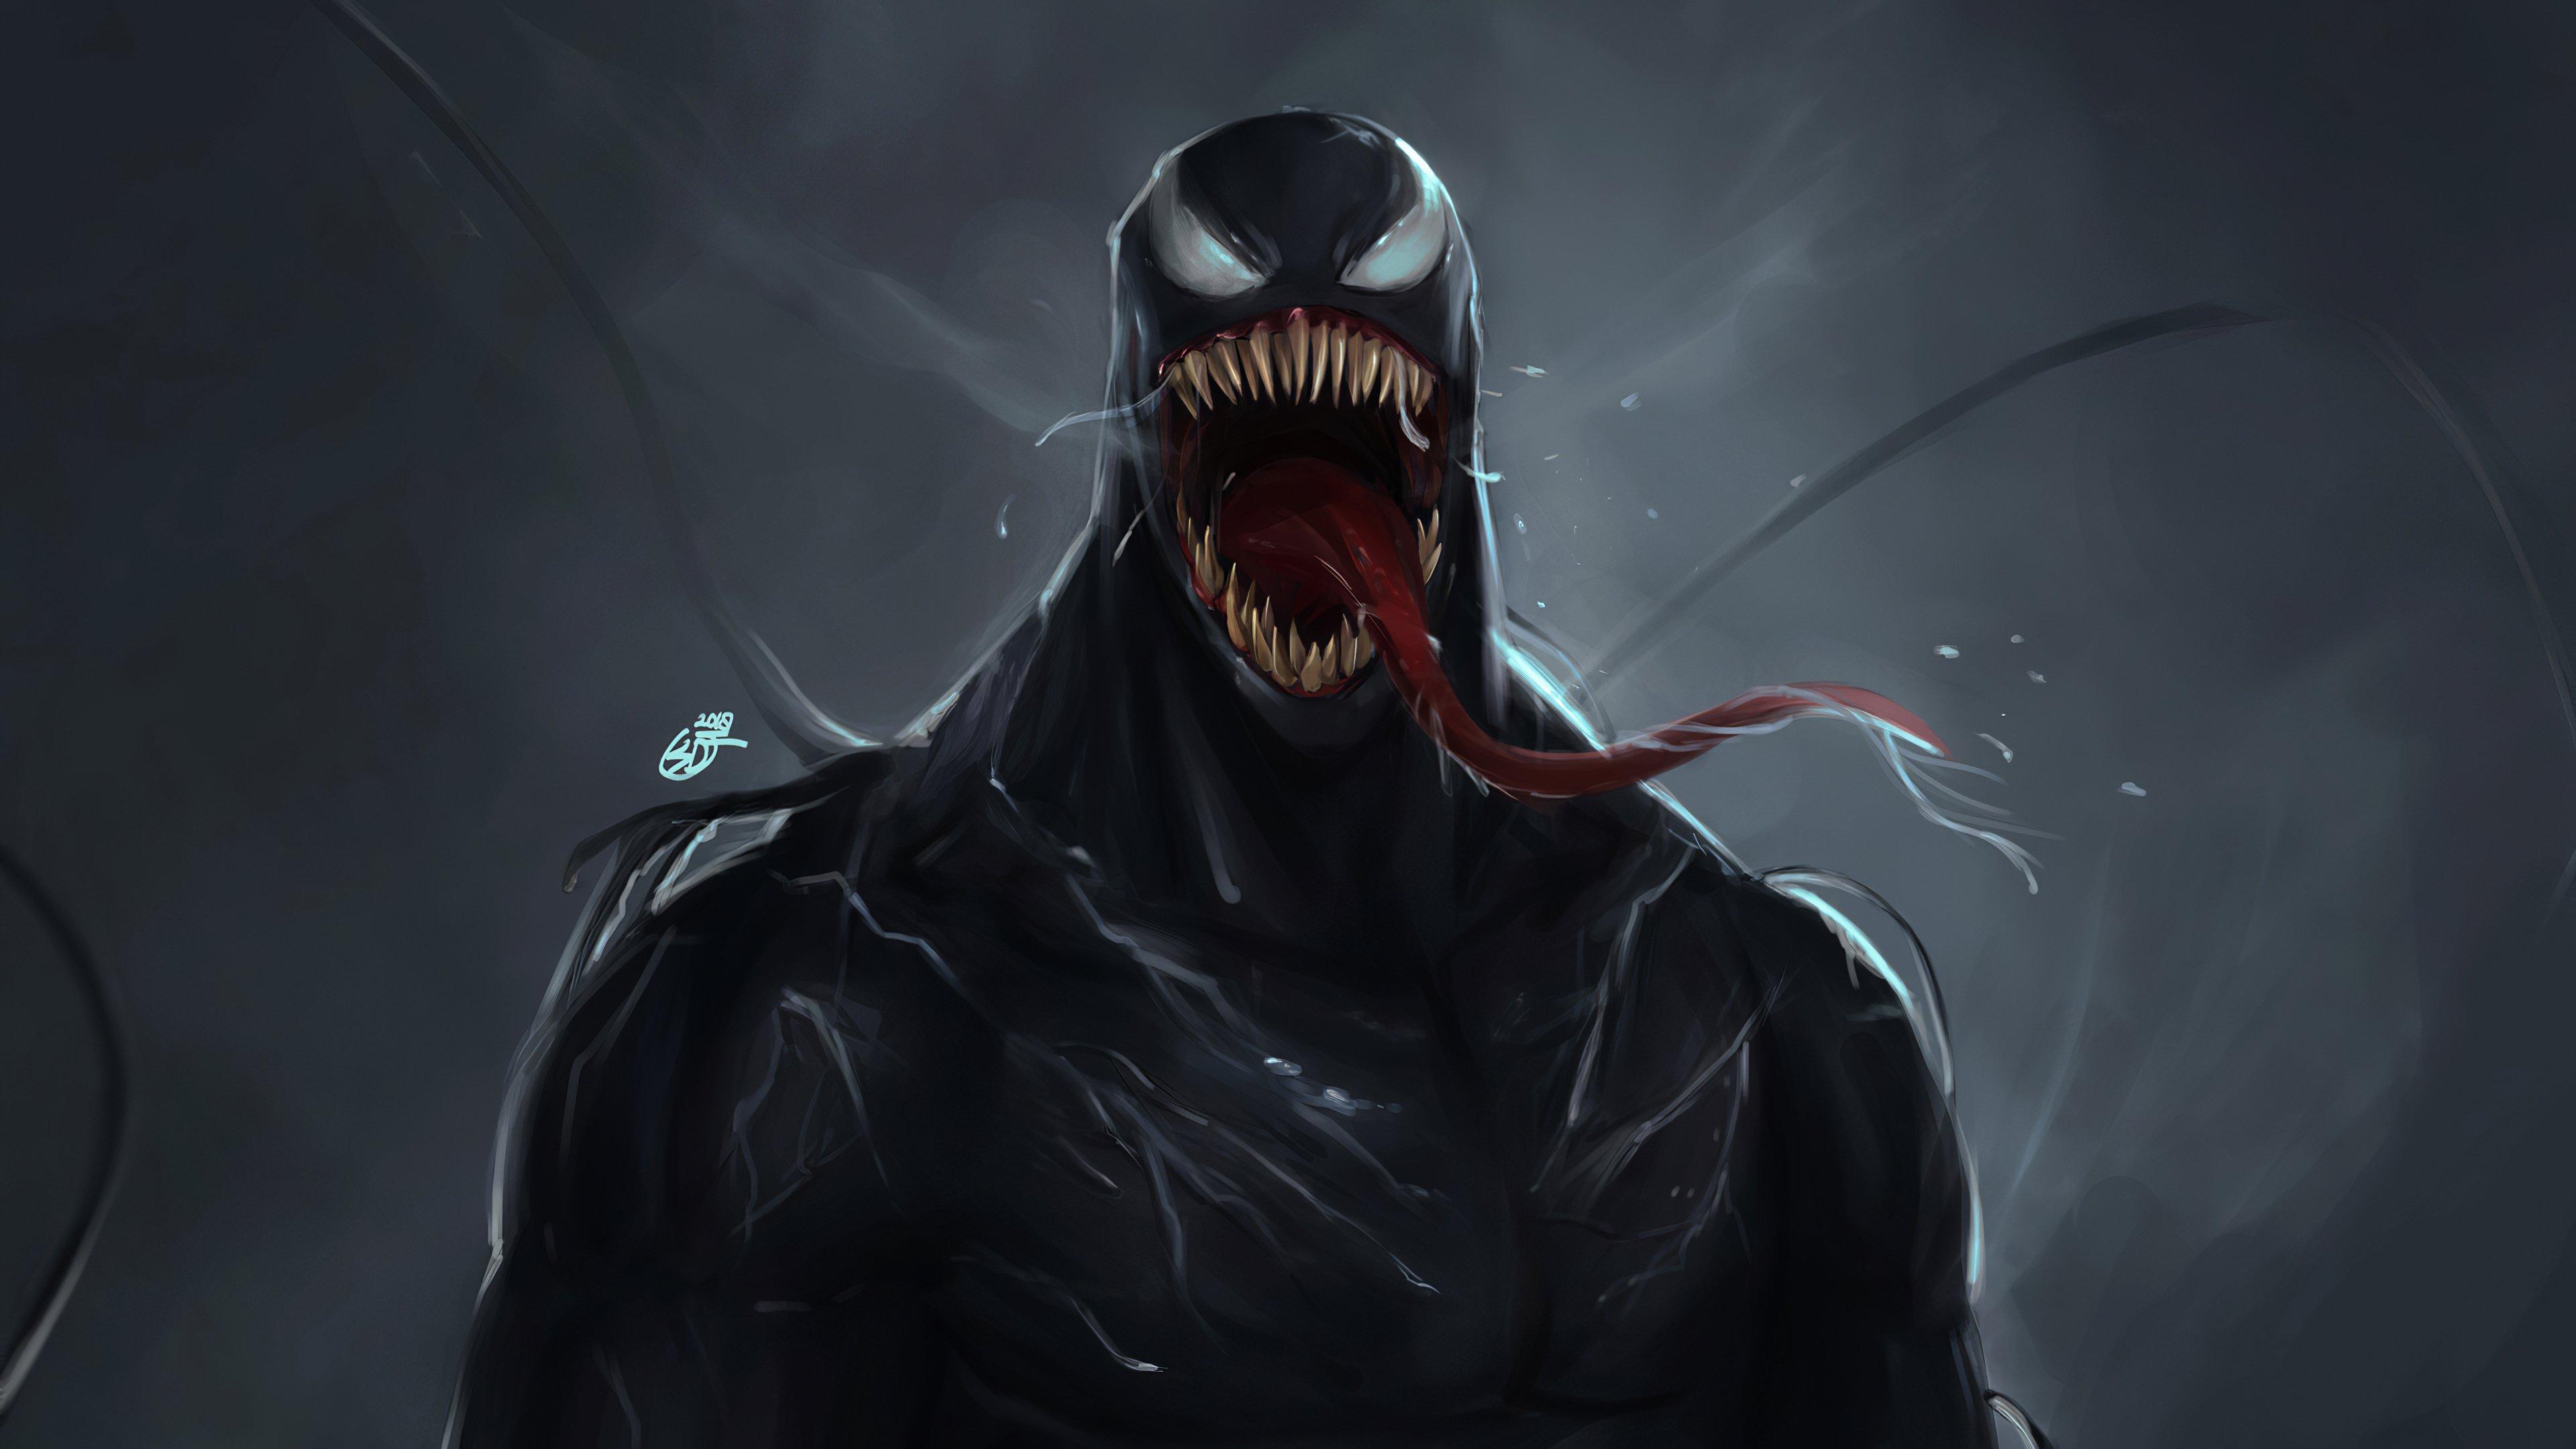 Wallpaper Venom Illustration